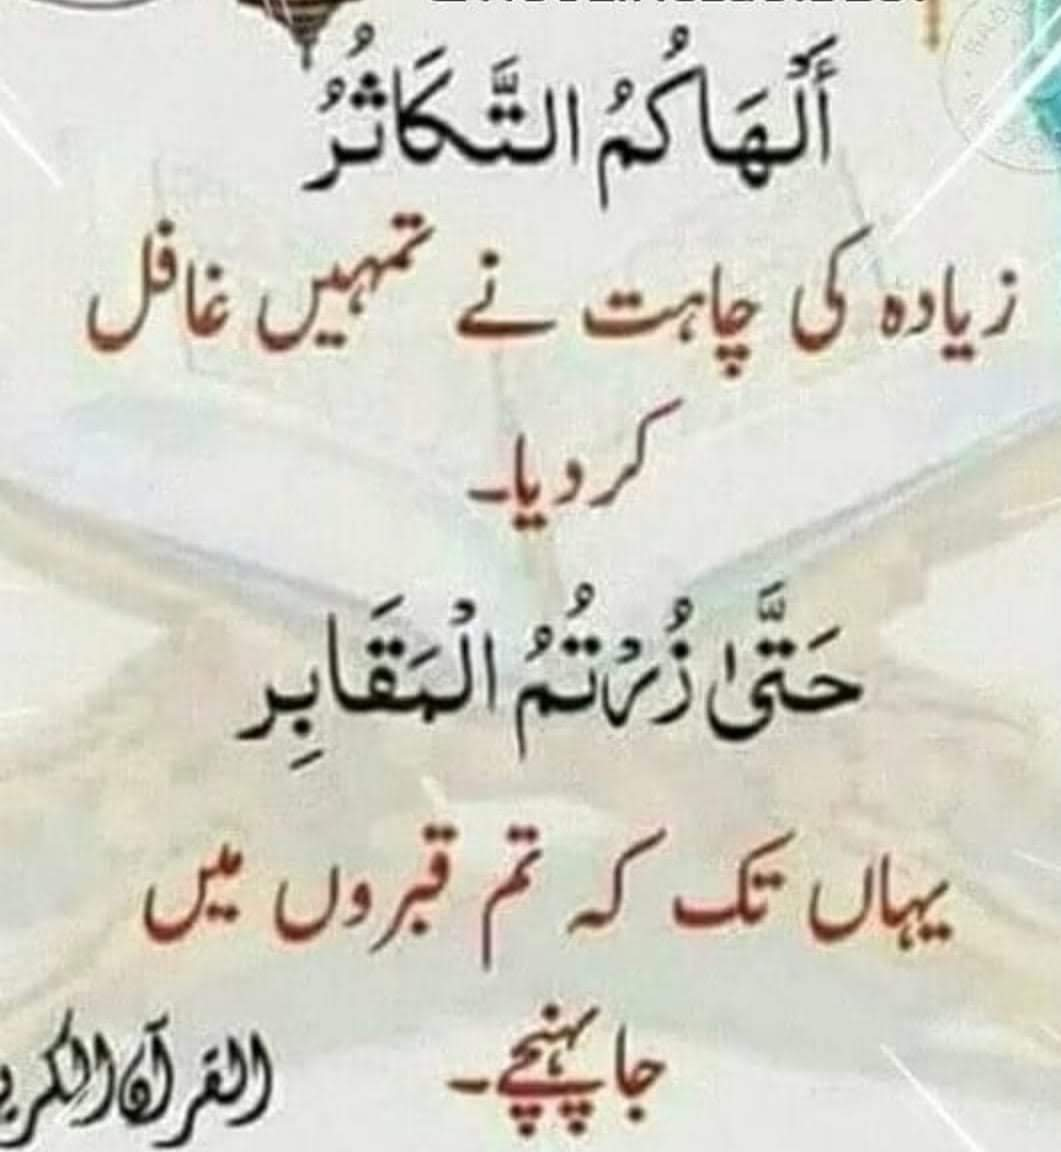 السلام و علیکم اور صبح بخیر۔اللہ آپکو ھمیشہ خوش و خرم اور اپنے حفظ و امان میں رکھے۔آمین